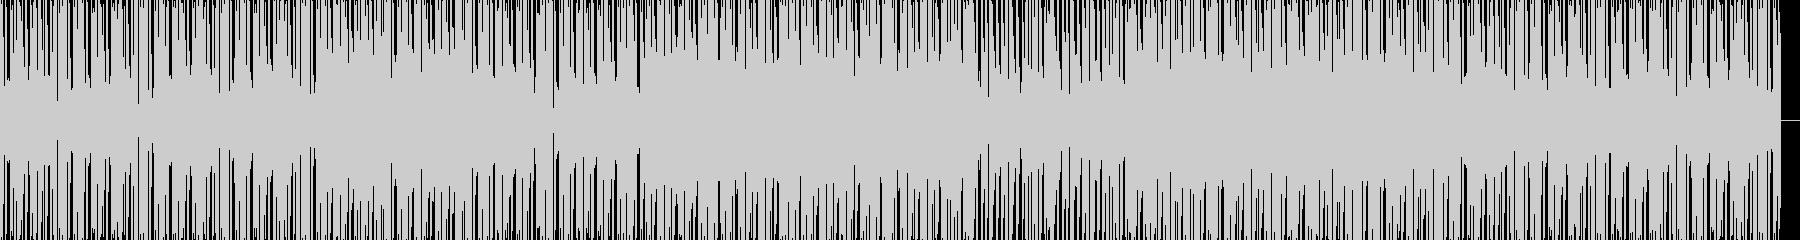 電子楽器。 「水っぽい」効果のある...の未再生の波形